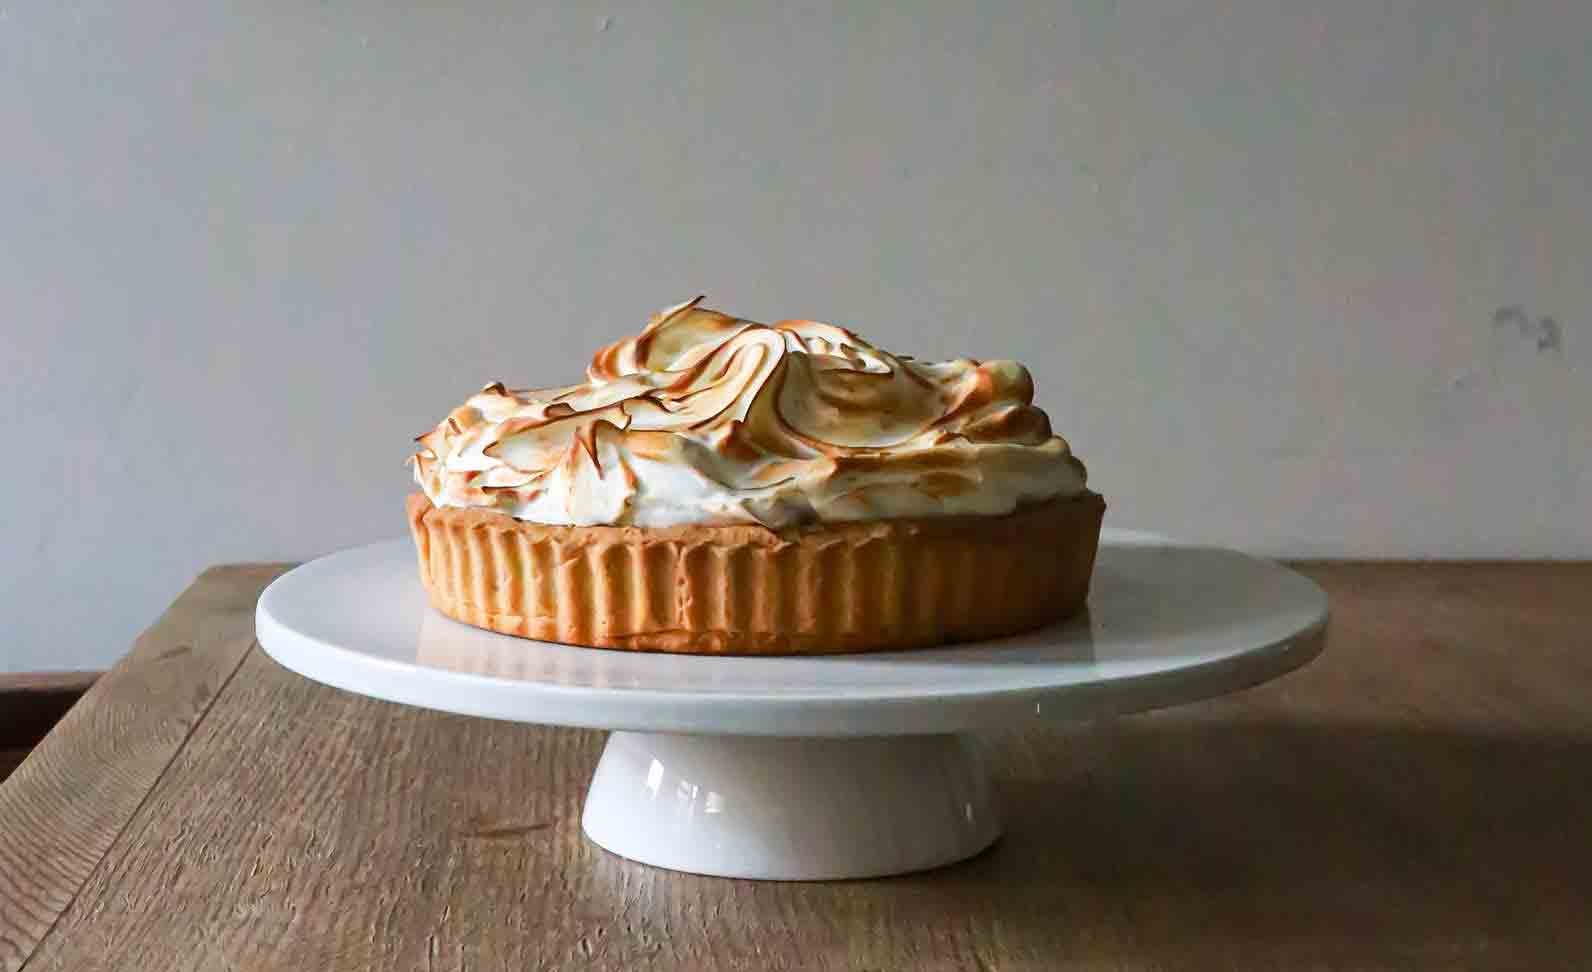 Receita fácil de torta banofee com chocolate fica pronta em apenas 40 minutos. Foto: pexel